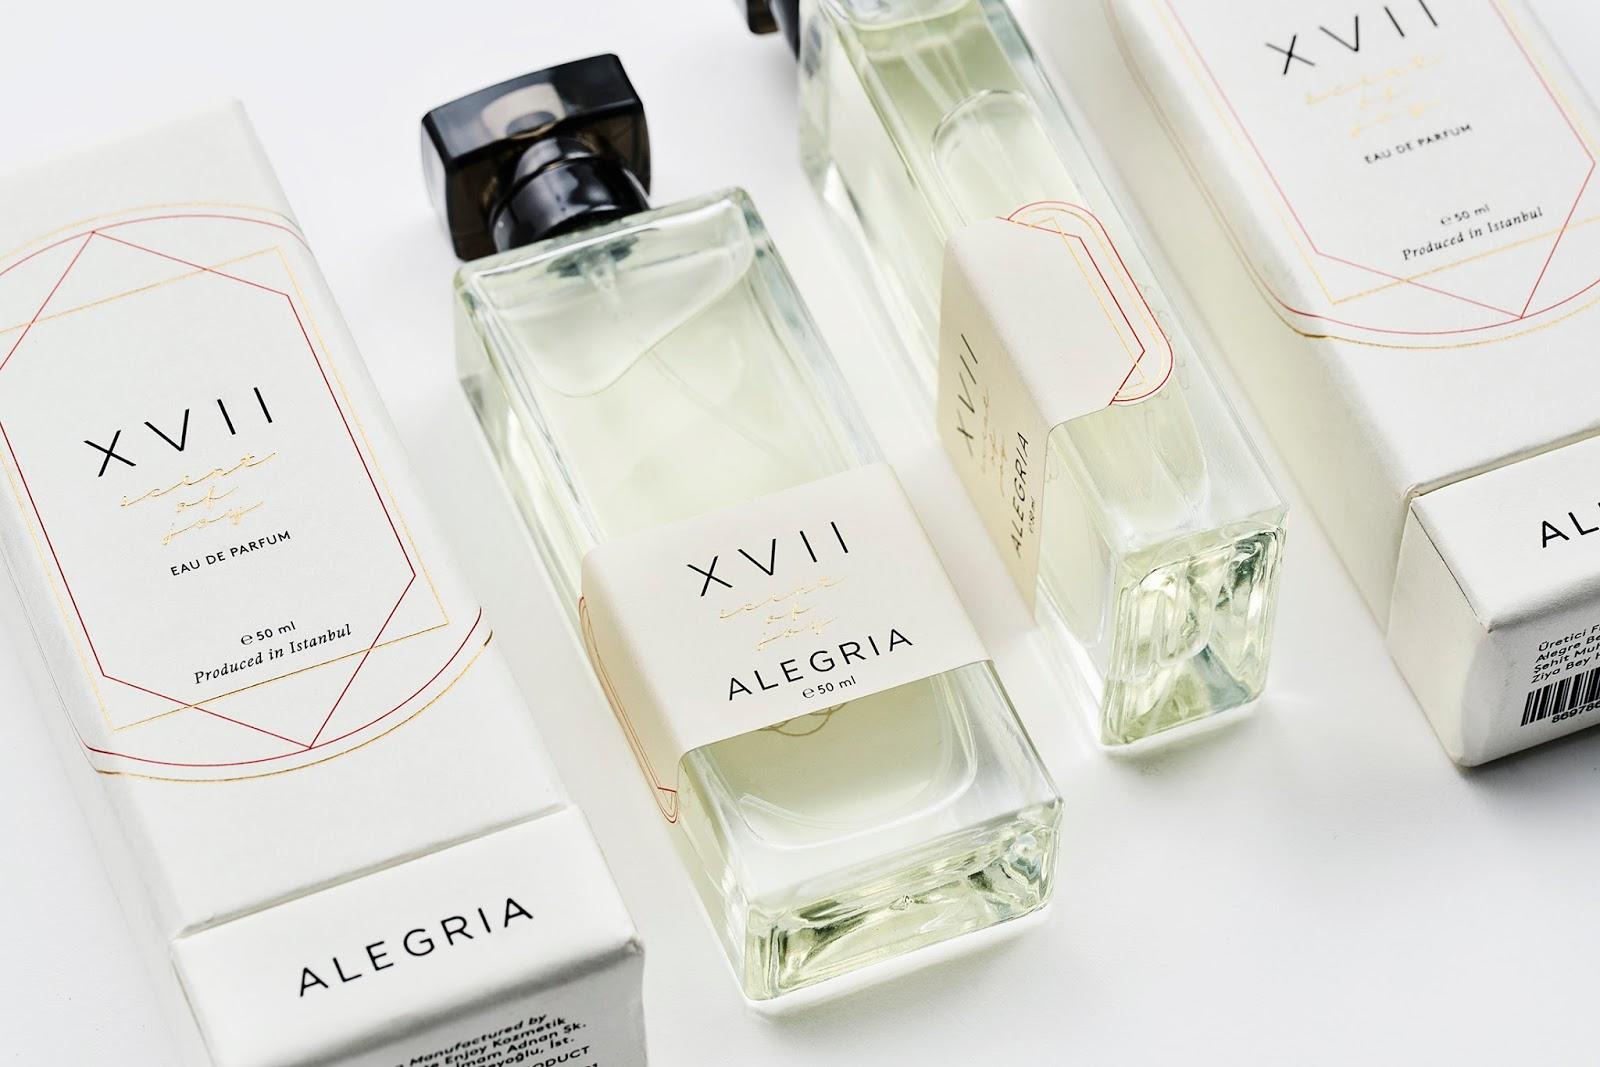 bao bi nuoc hoa Alegria XVII 11